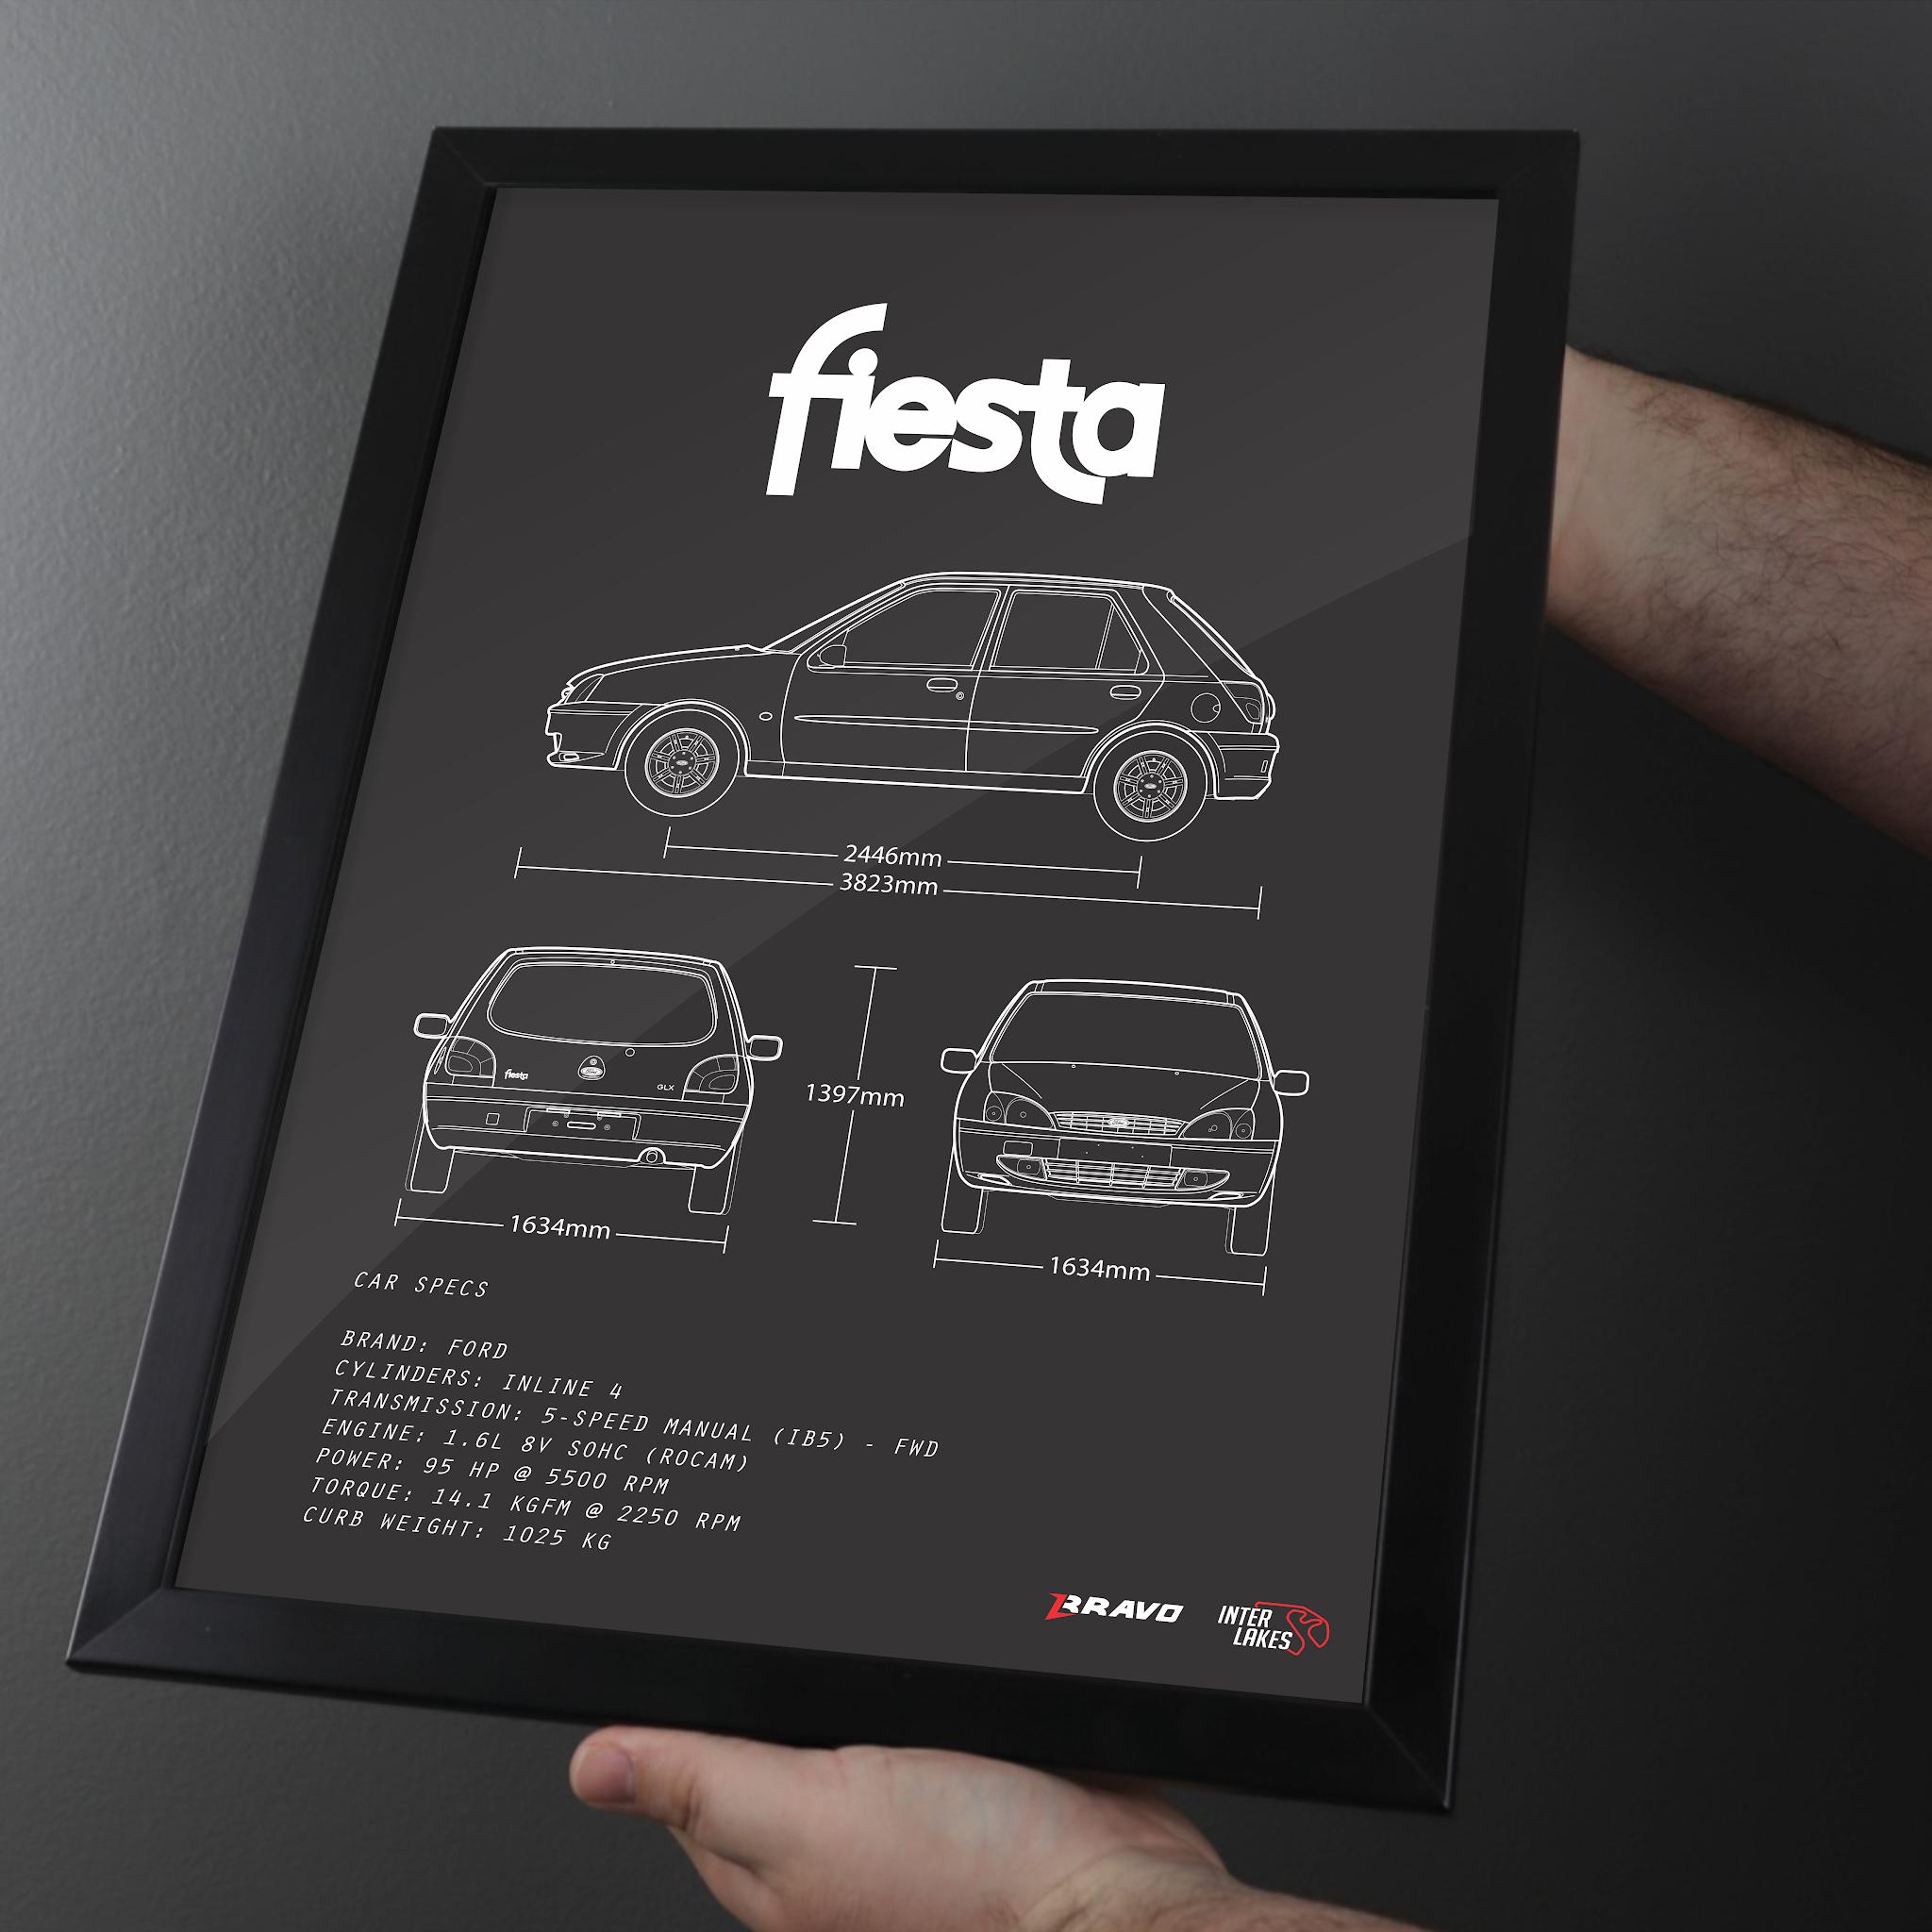 Imagem mostrando o quadro do Ford Fiesta GLX 1.6 (Hatch 4p) 2000 por Interlakes